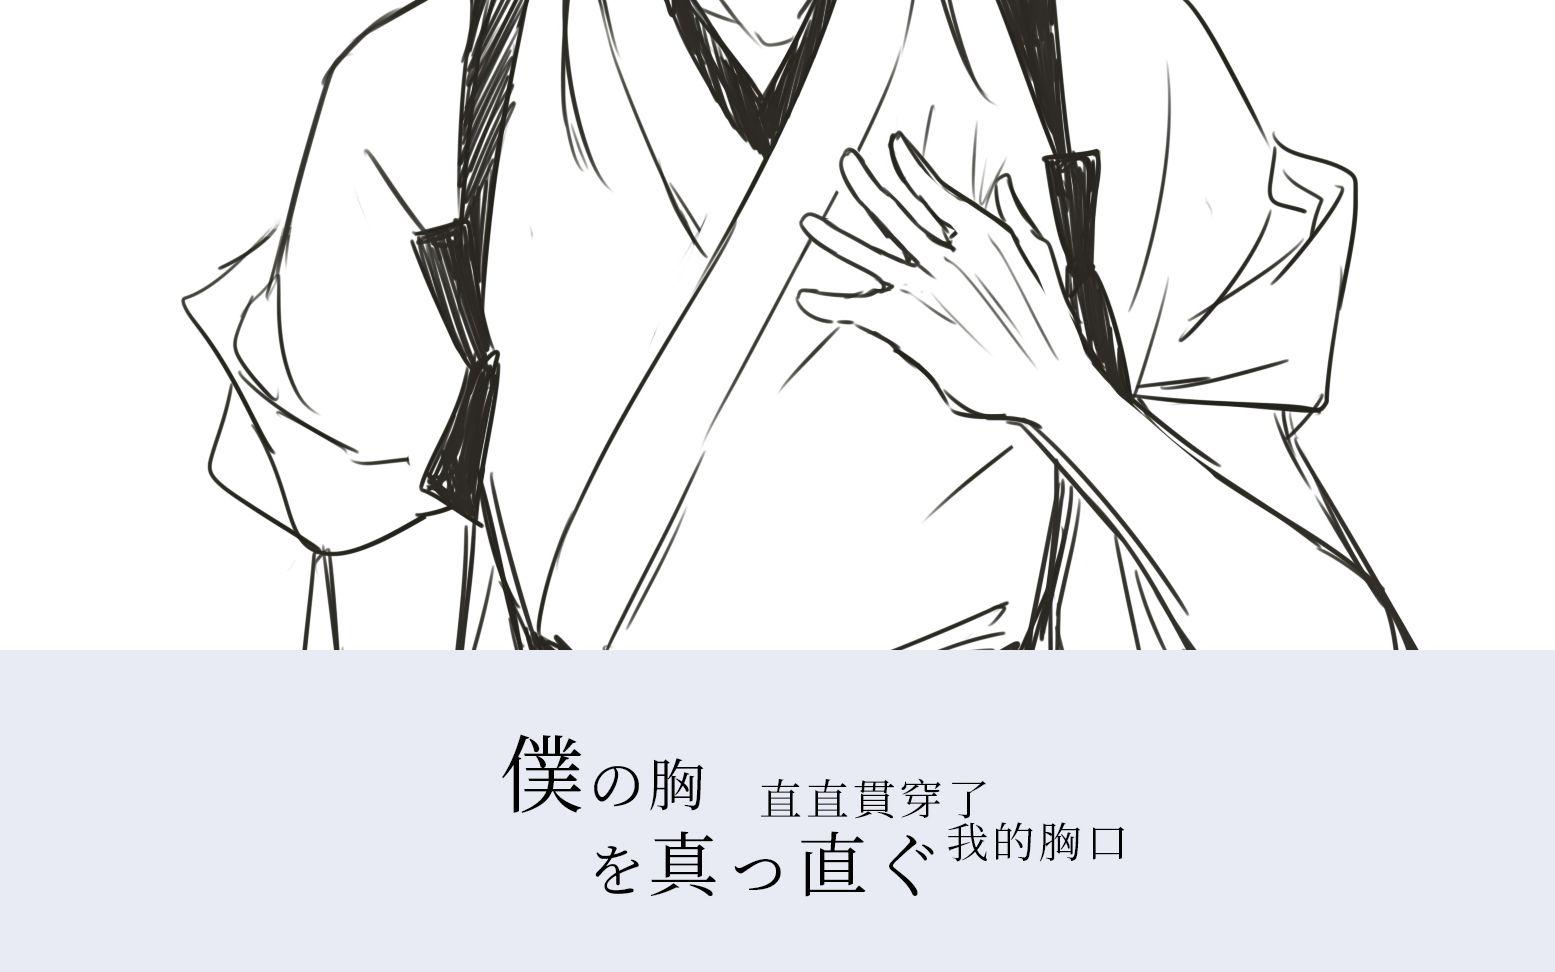 【刀剑乱舞/手书】アイシテ【鹤药】